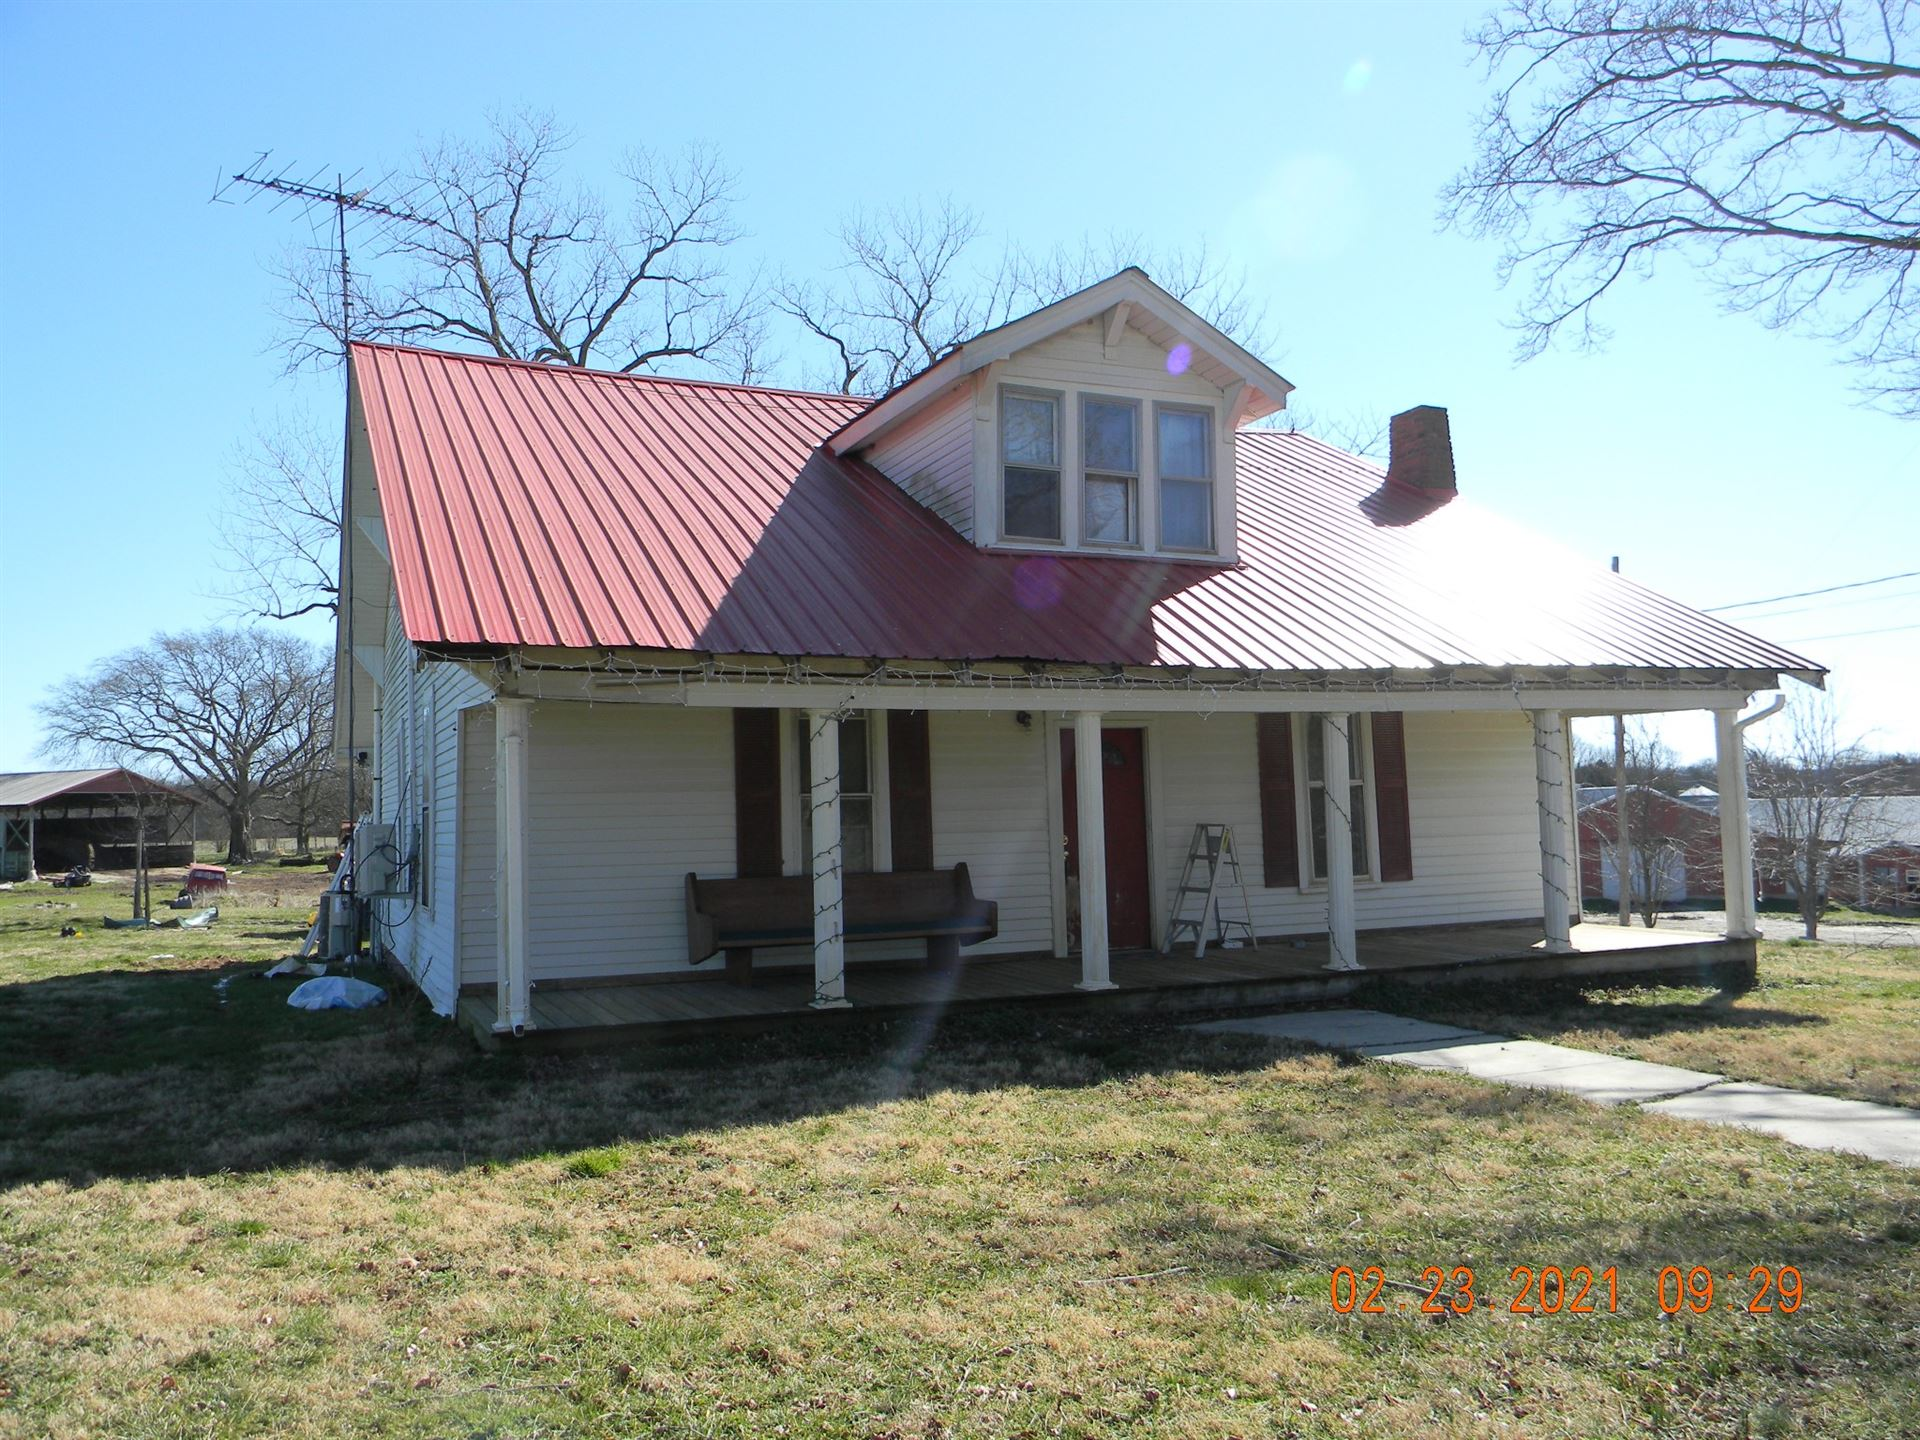 3368 Lowry Rd, Lewisburg, TN 37091 - MLS#: 2235519